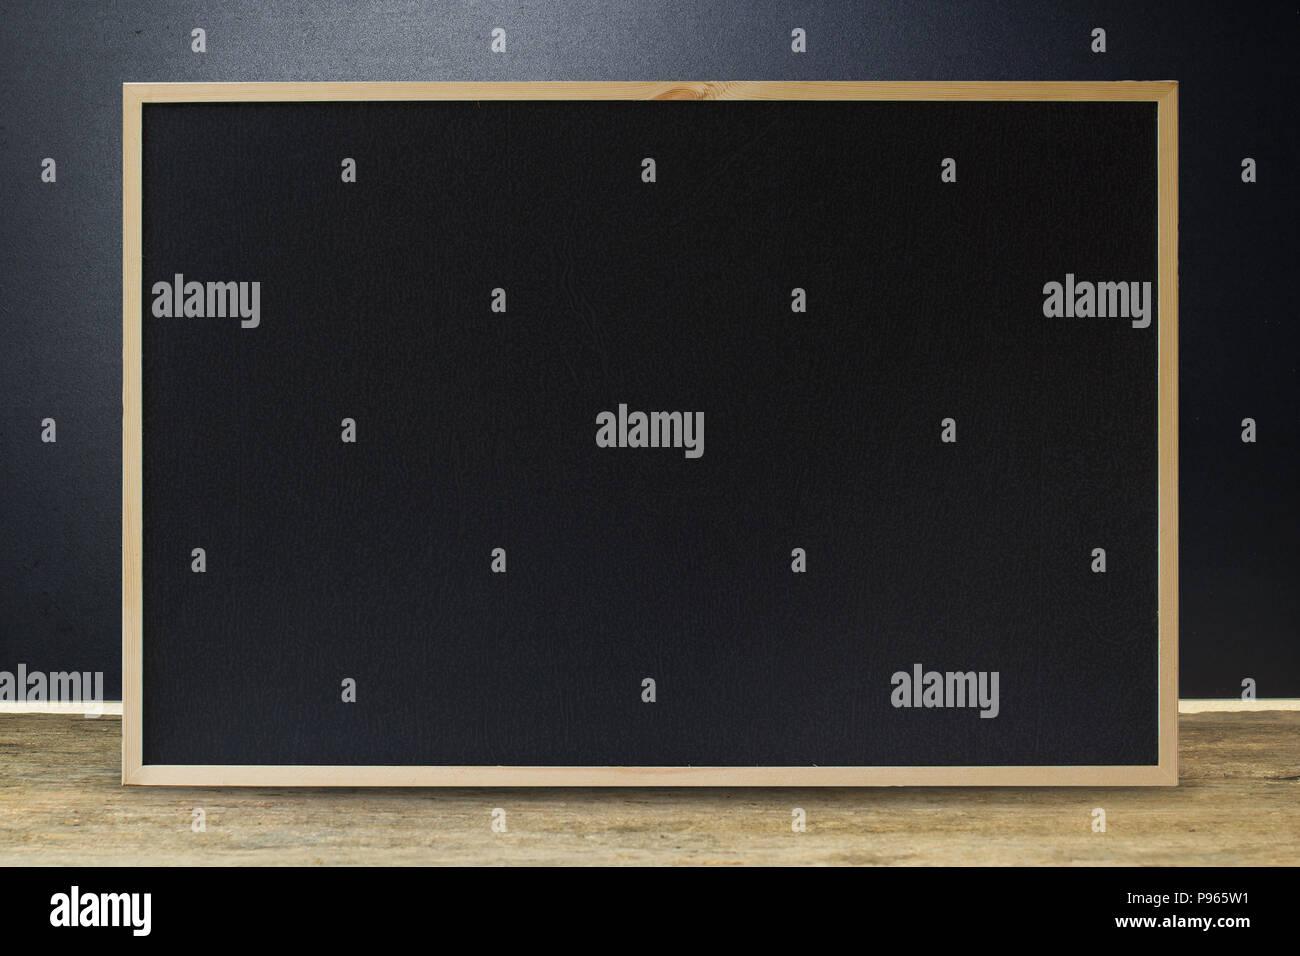 Come Pulire Parete Lavagna pulire la lavagna nera texture con telaio in legno sulla